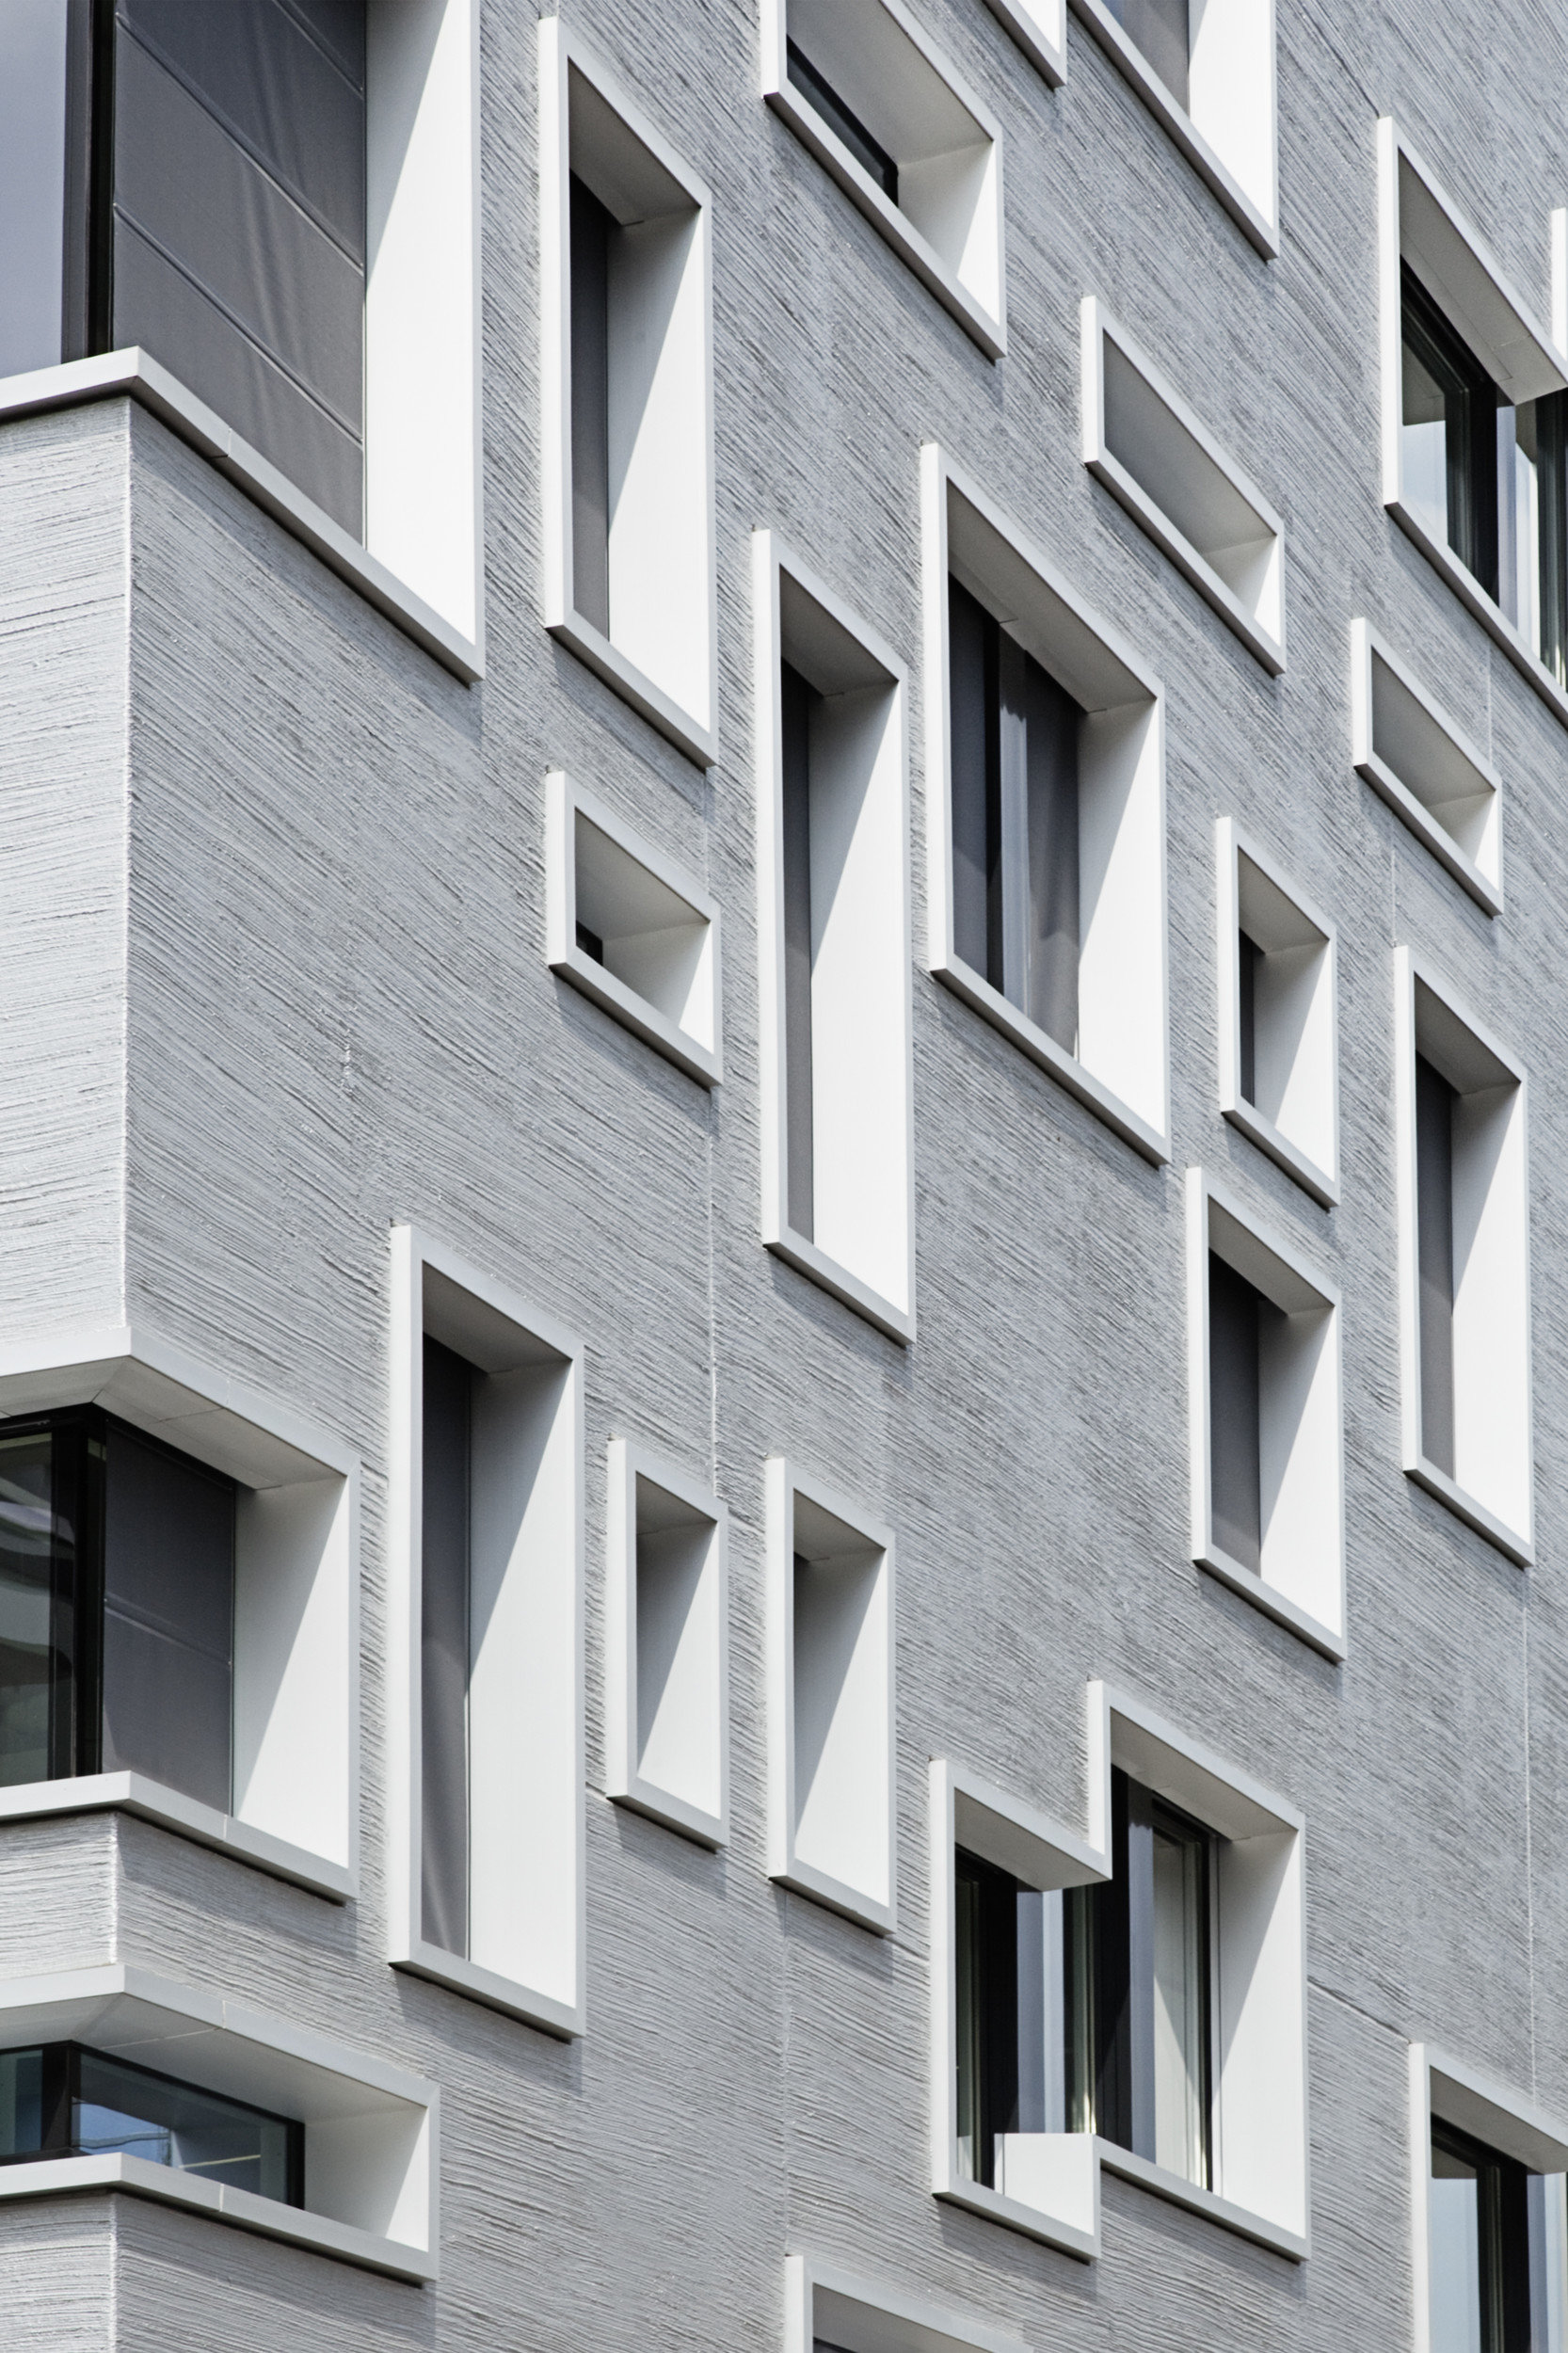 Fokus auf verschiedene Fenstergrössen auf Gebäude